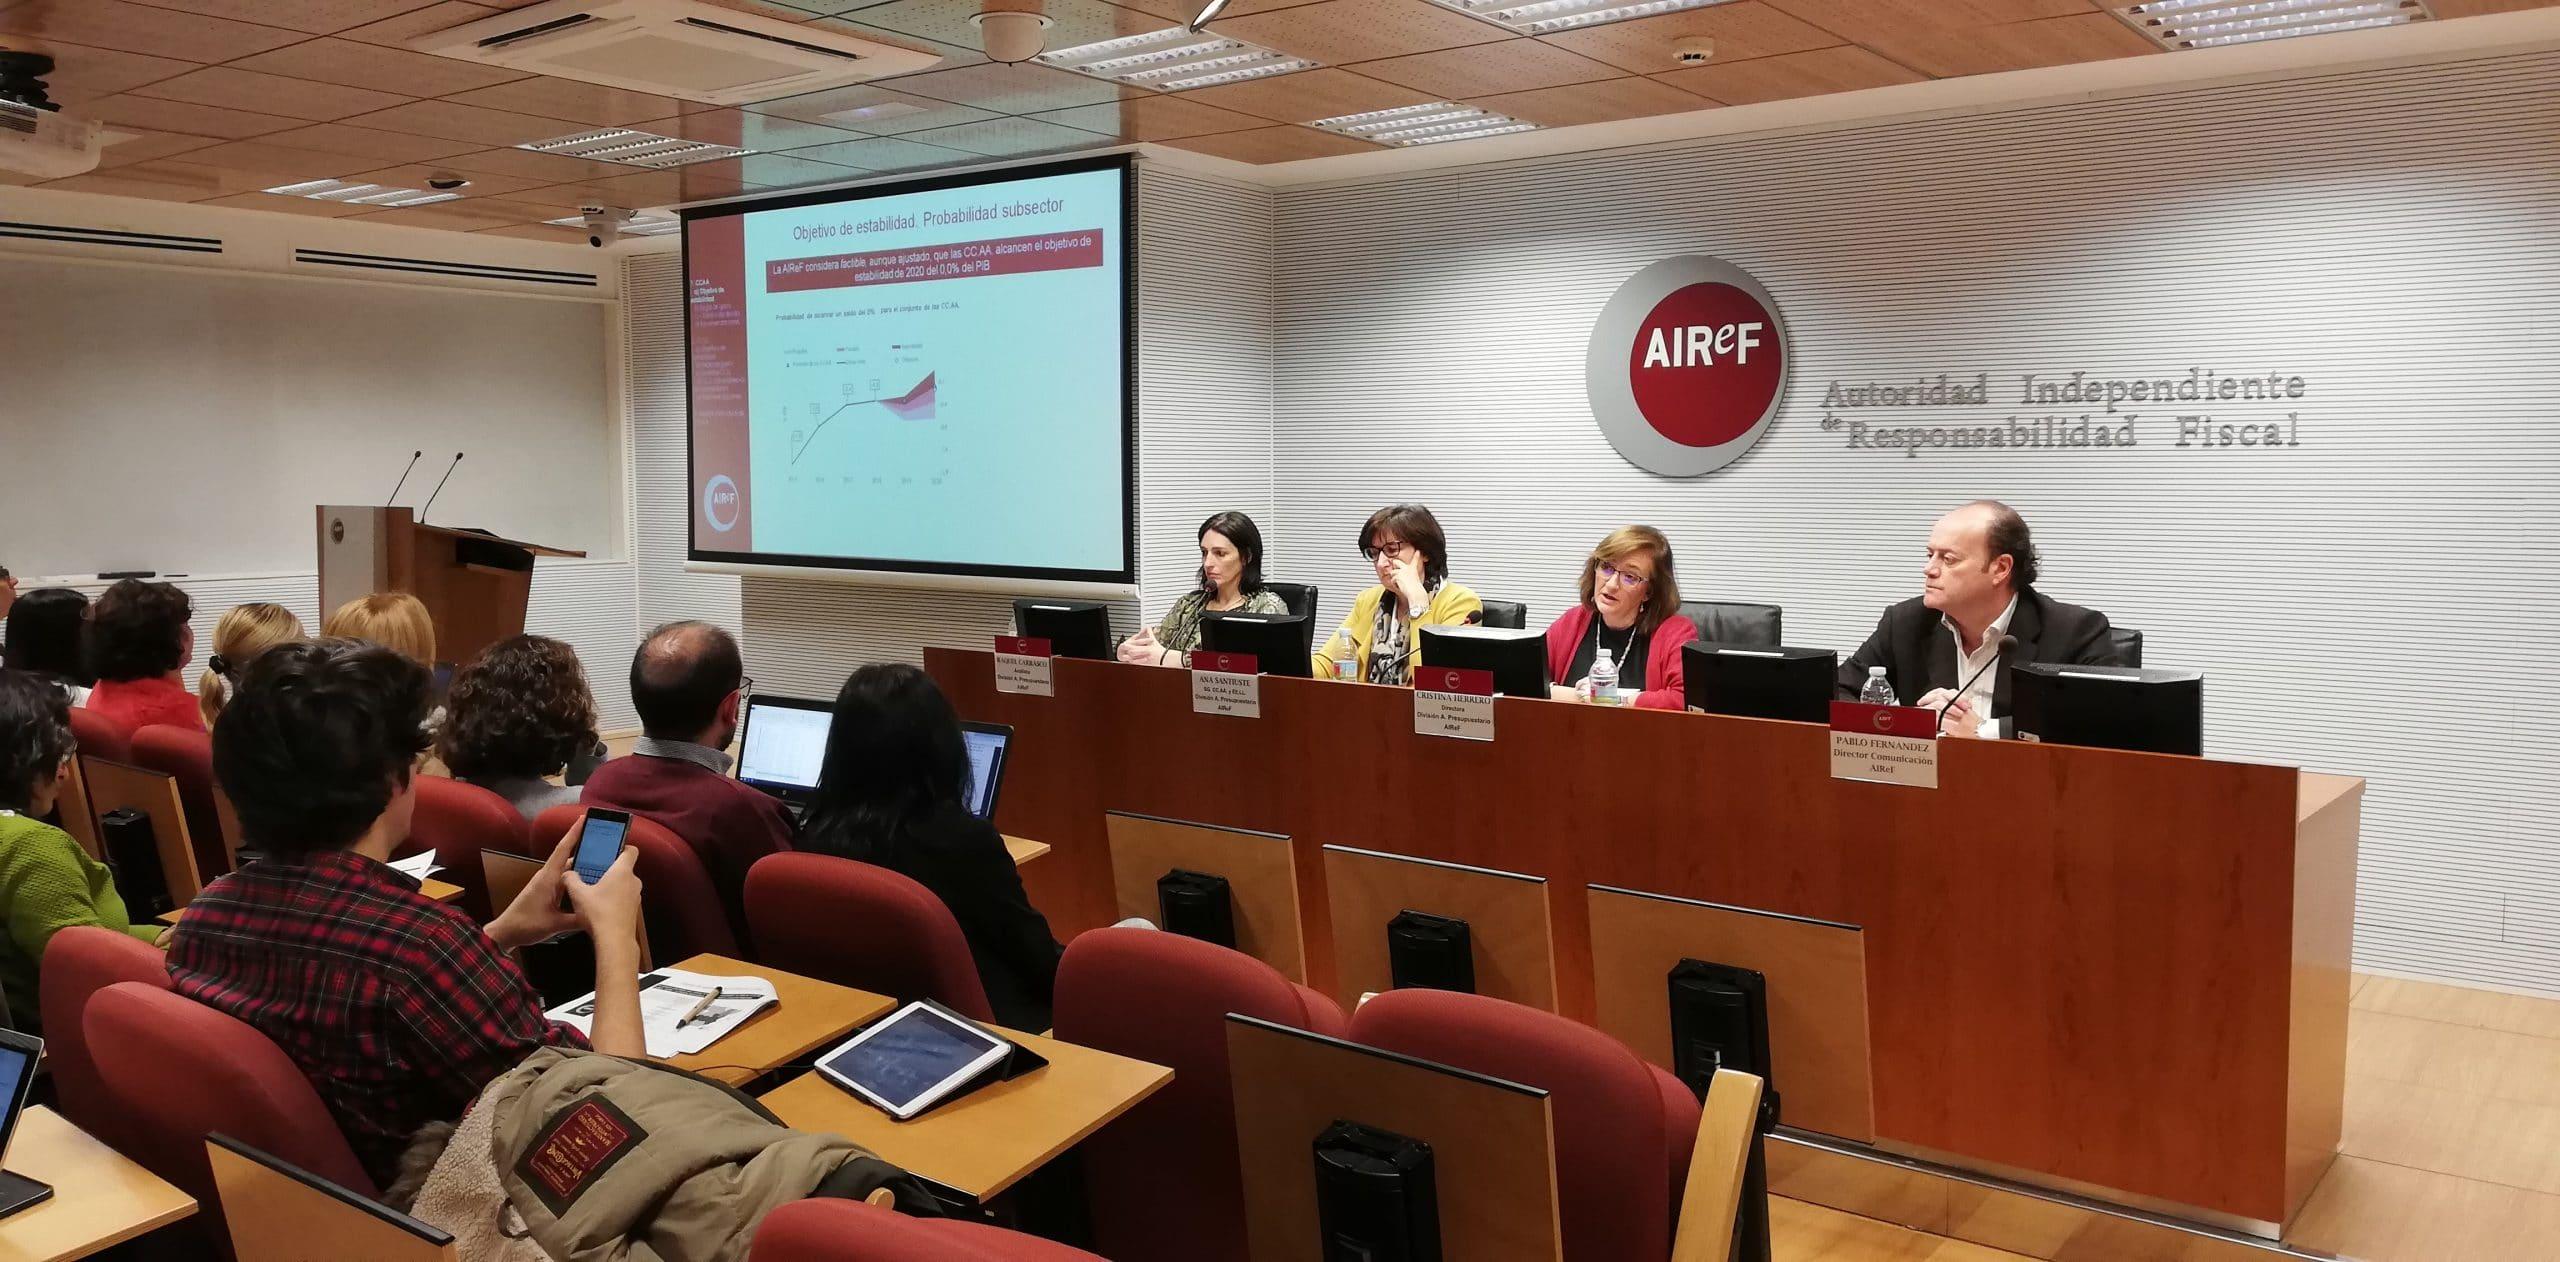 Encuentro informativo en AIReF